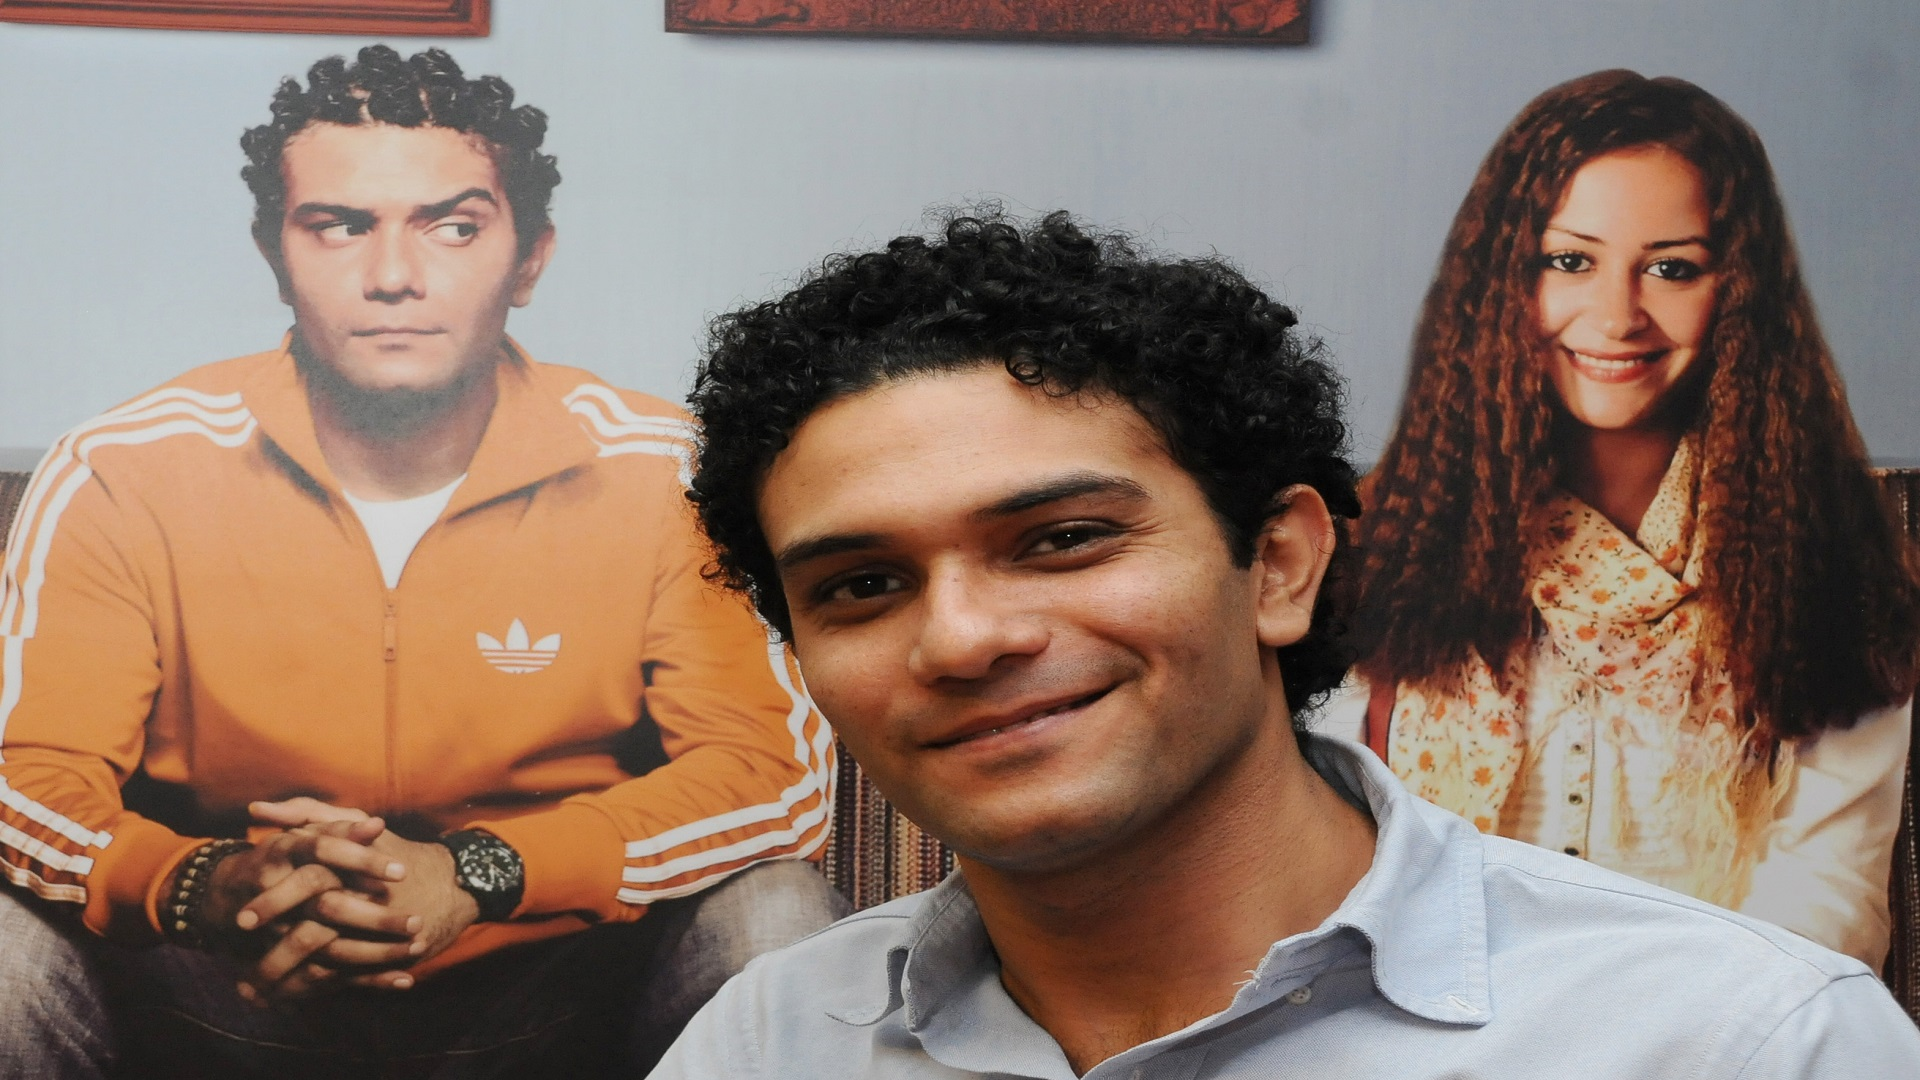 آسر ياسين لست رجل المستحيل